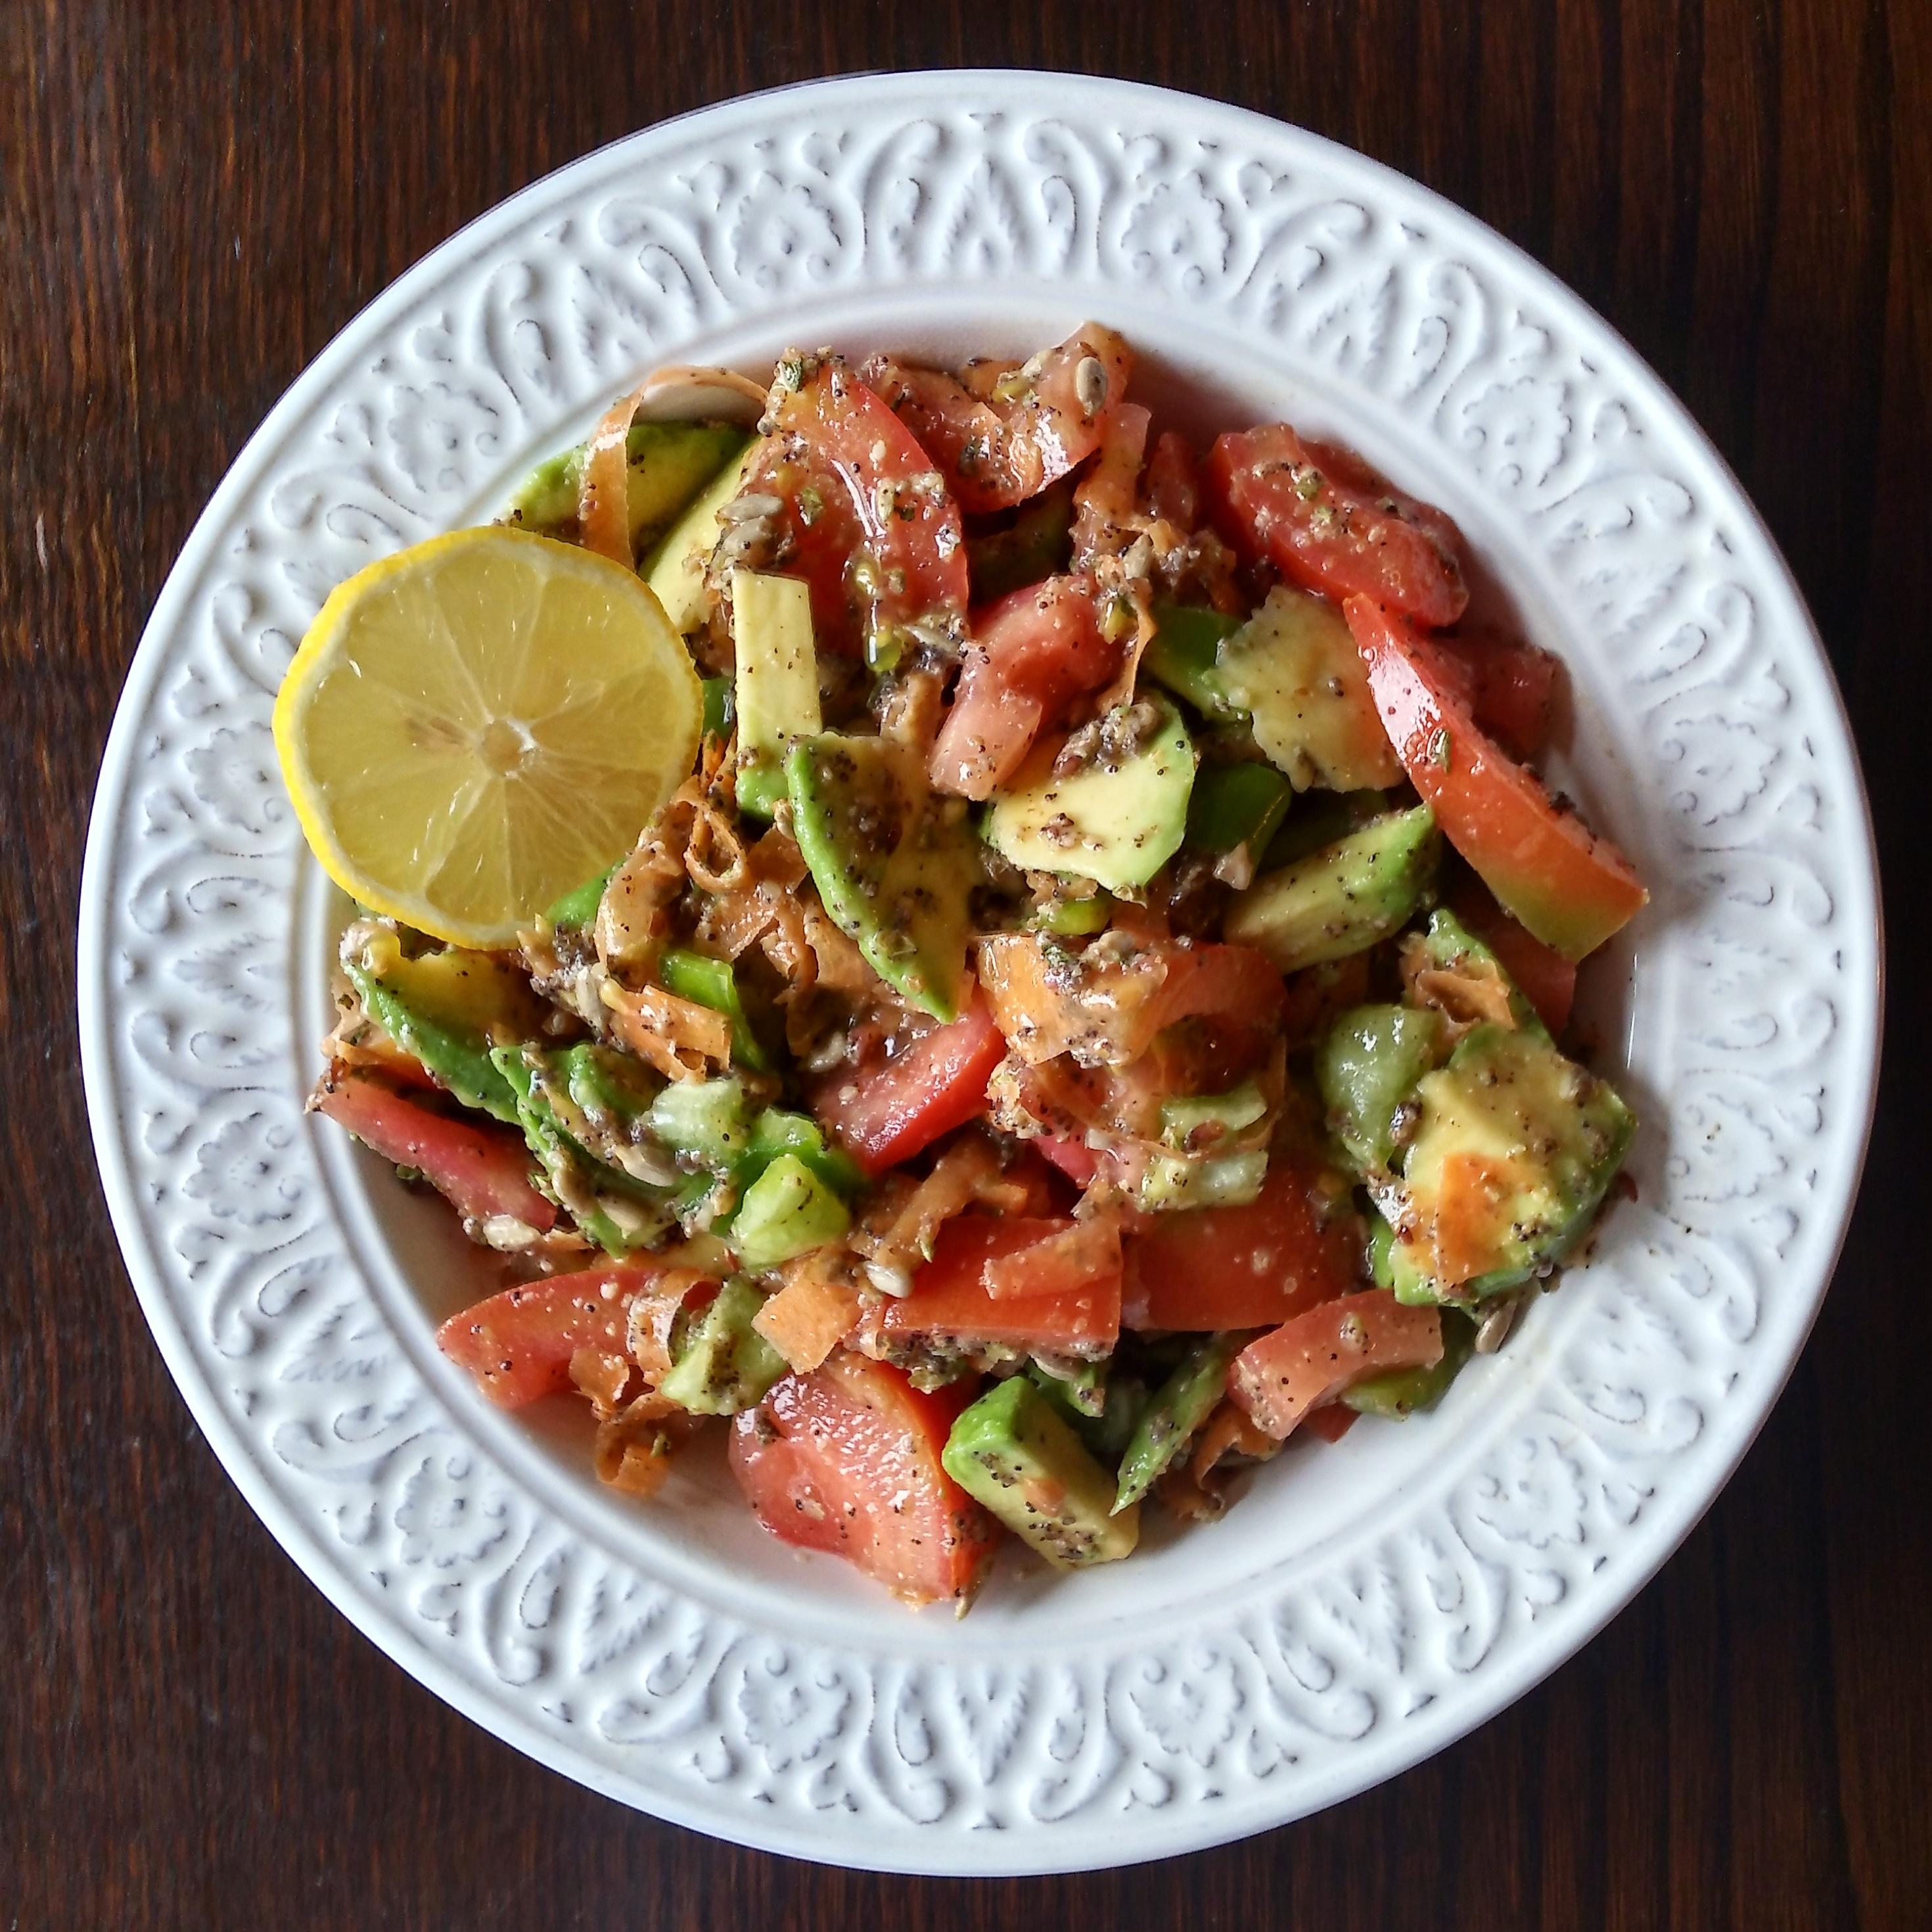 Ensalada de tomate, zanahoria rallada, aguacate, pimiento verde y pipas de girasol